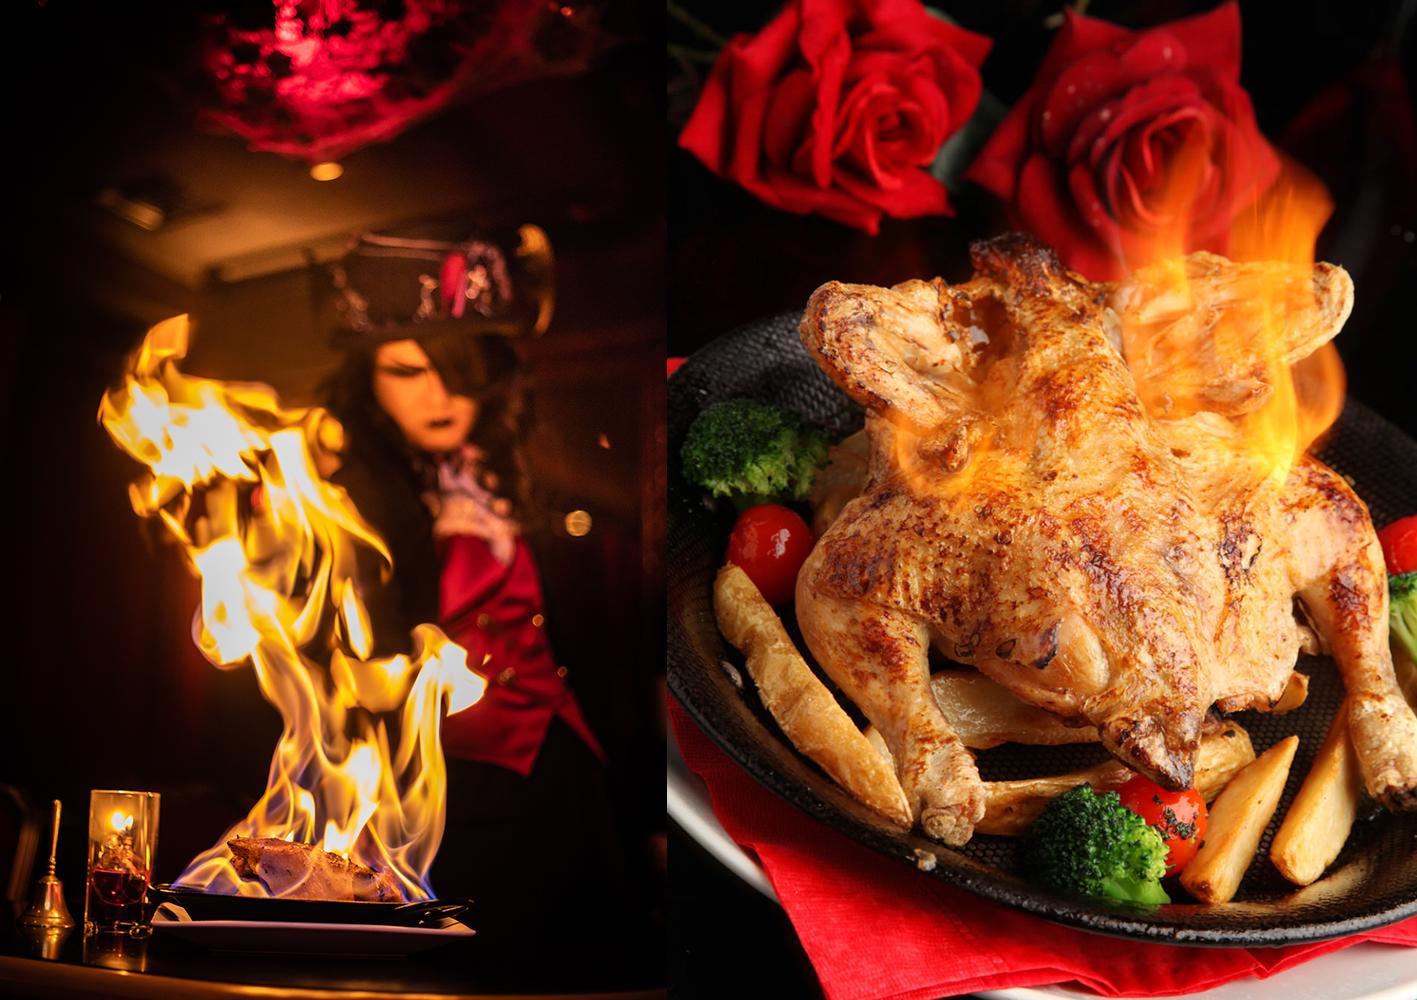 平成から令和へと時代を越えた伝説のエンターテインメント・レストラン「銀座レストラン ヴァンパイアカフェ」18周年 恐るべき全貌大公開!